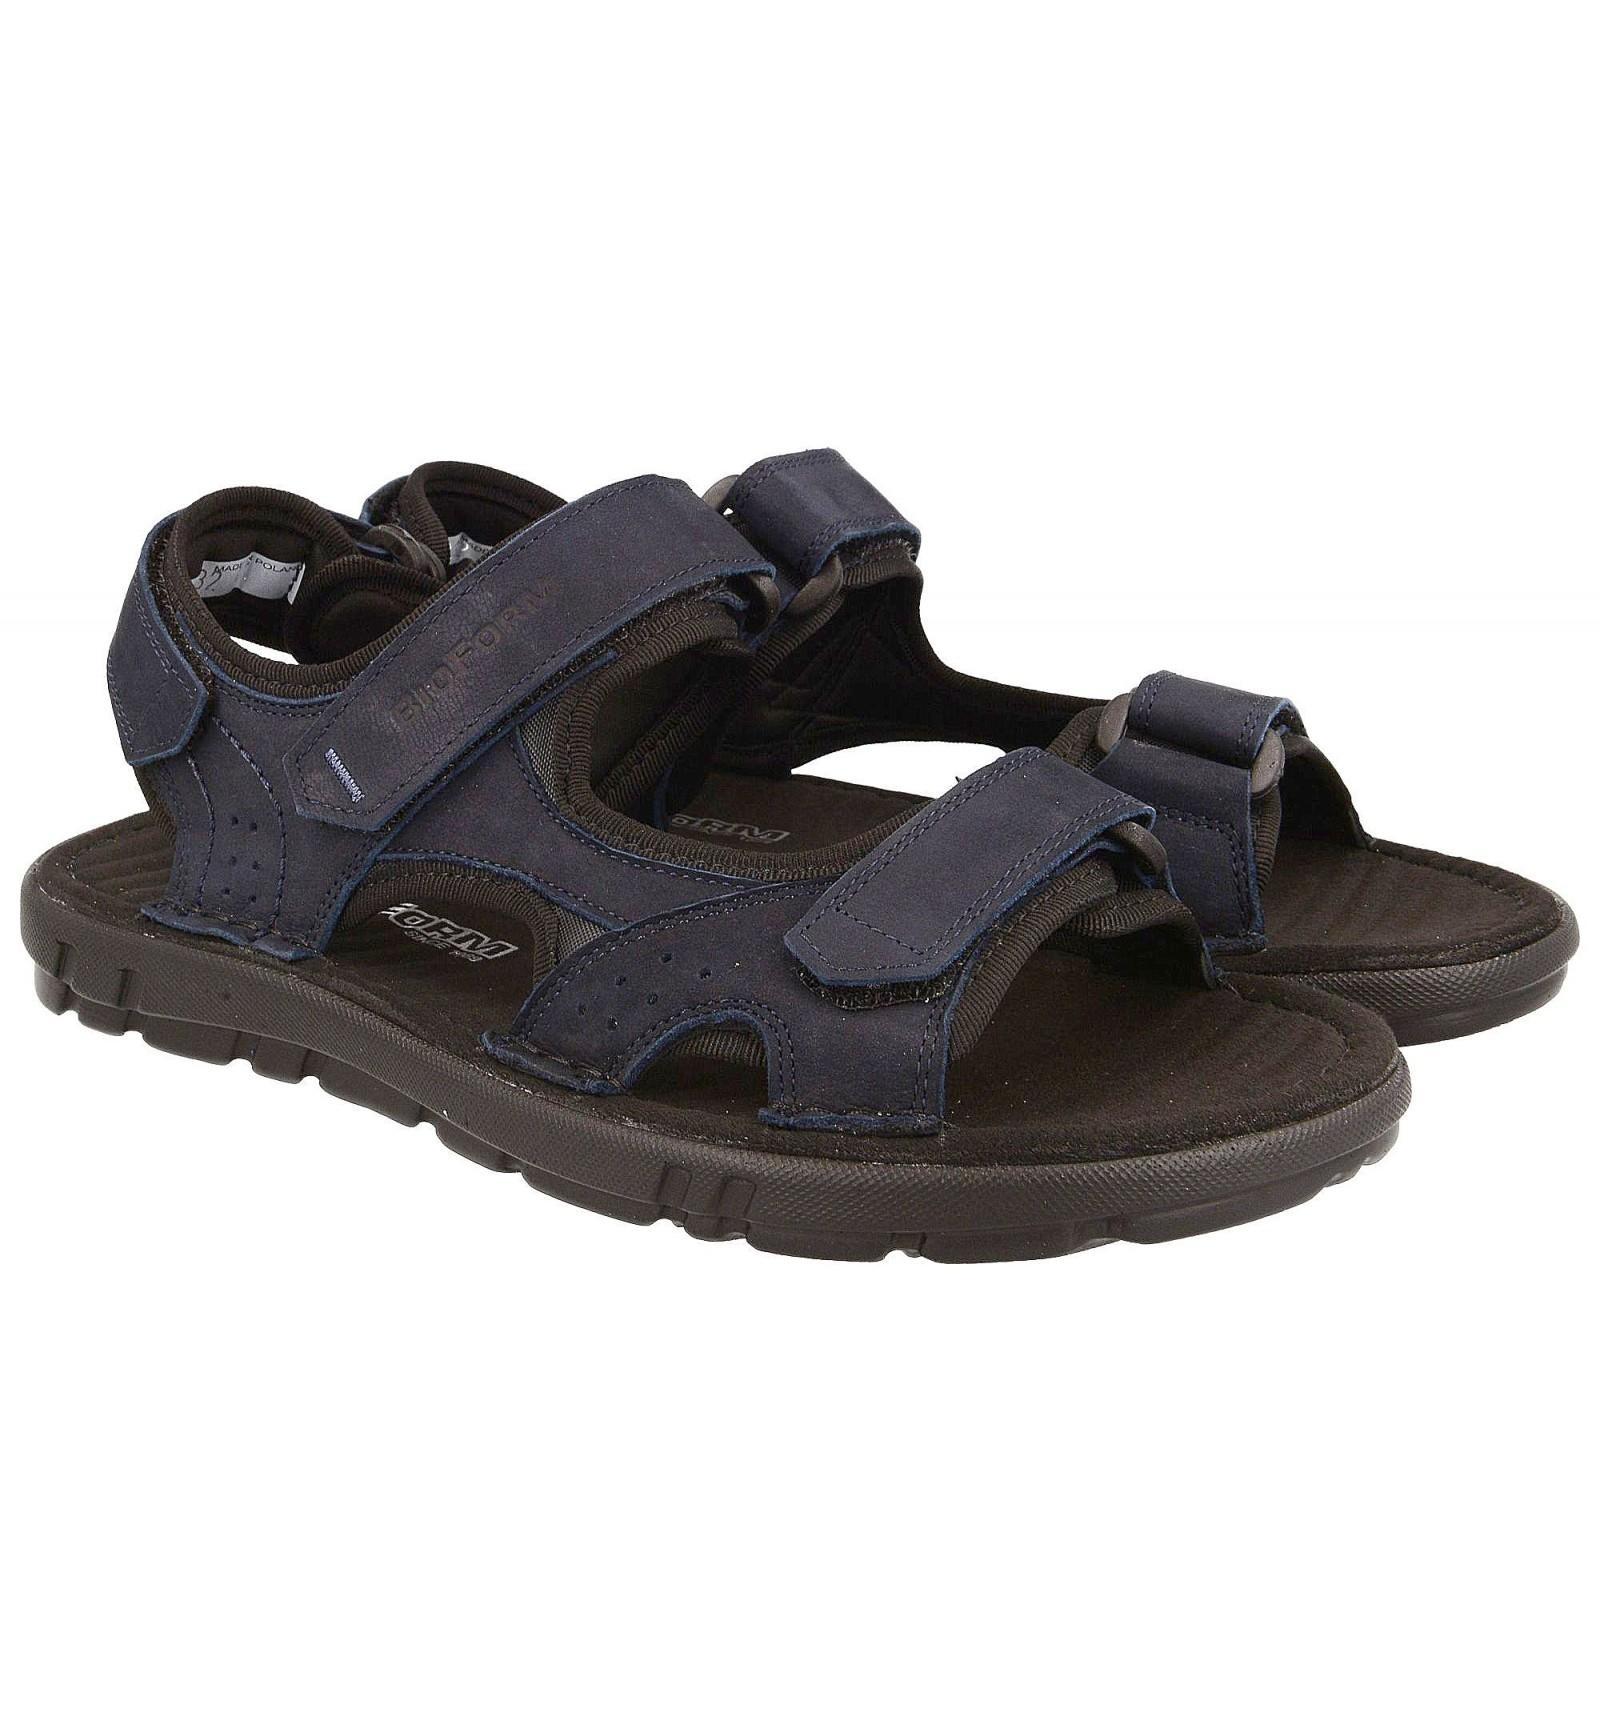 Komfortowe sandały męskie, GRANATOWE naturalna skóra nubukowa, miękka wyściółka